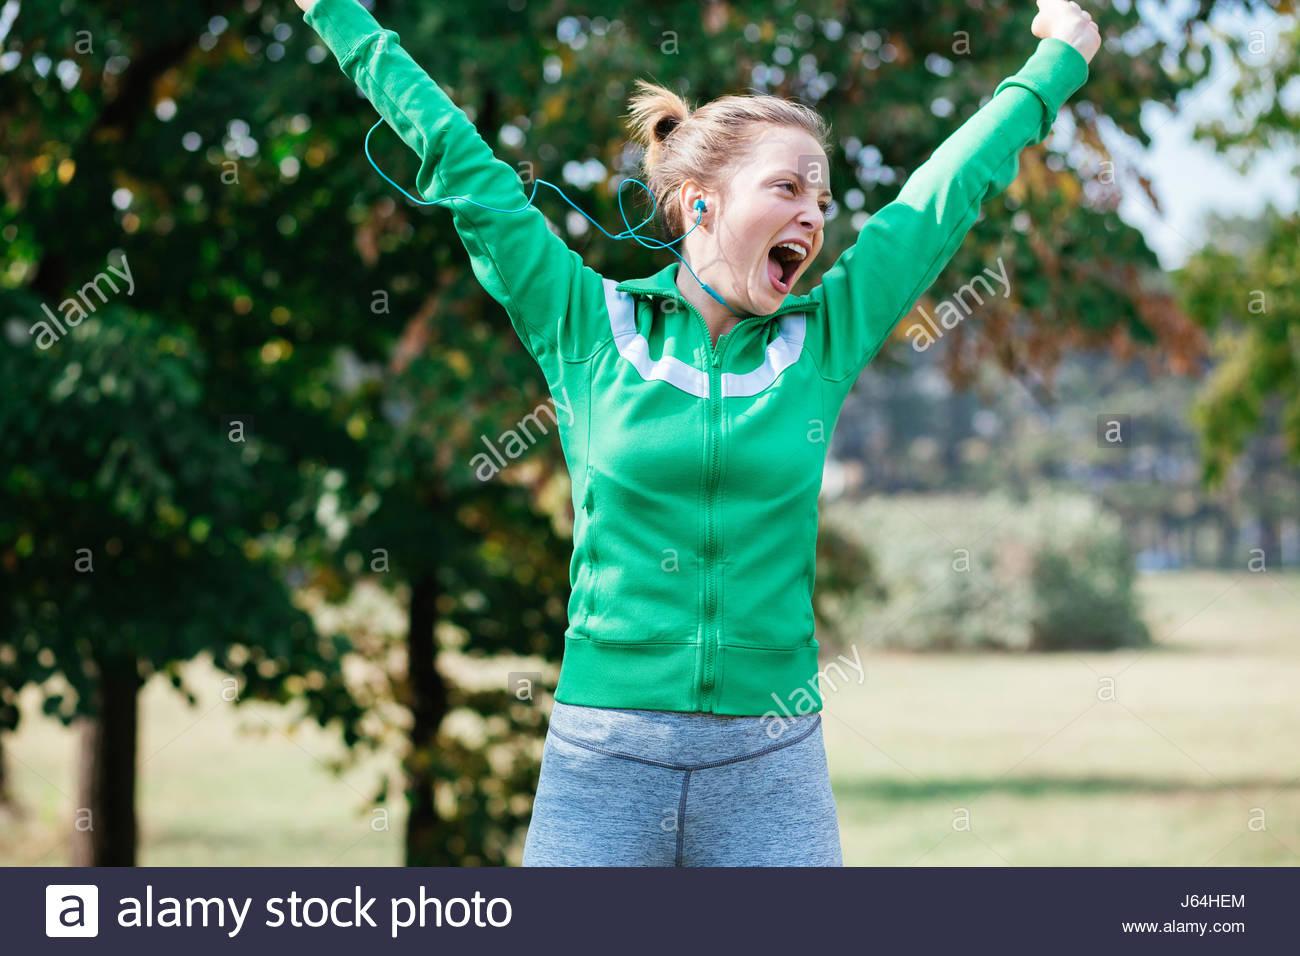 Donne celebrare la vittoria in una gara Immagini Stock